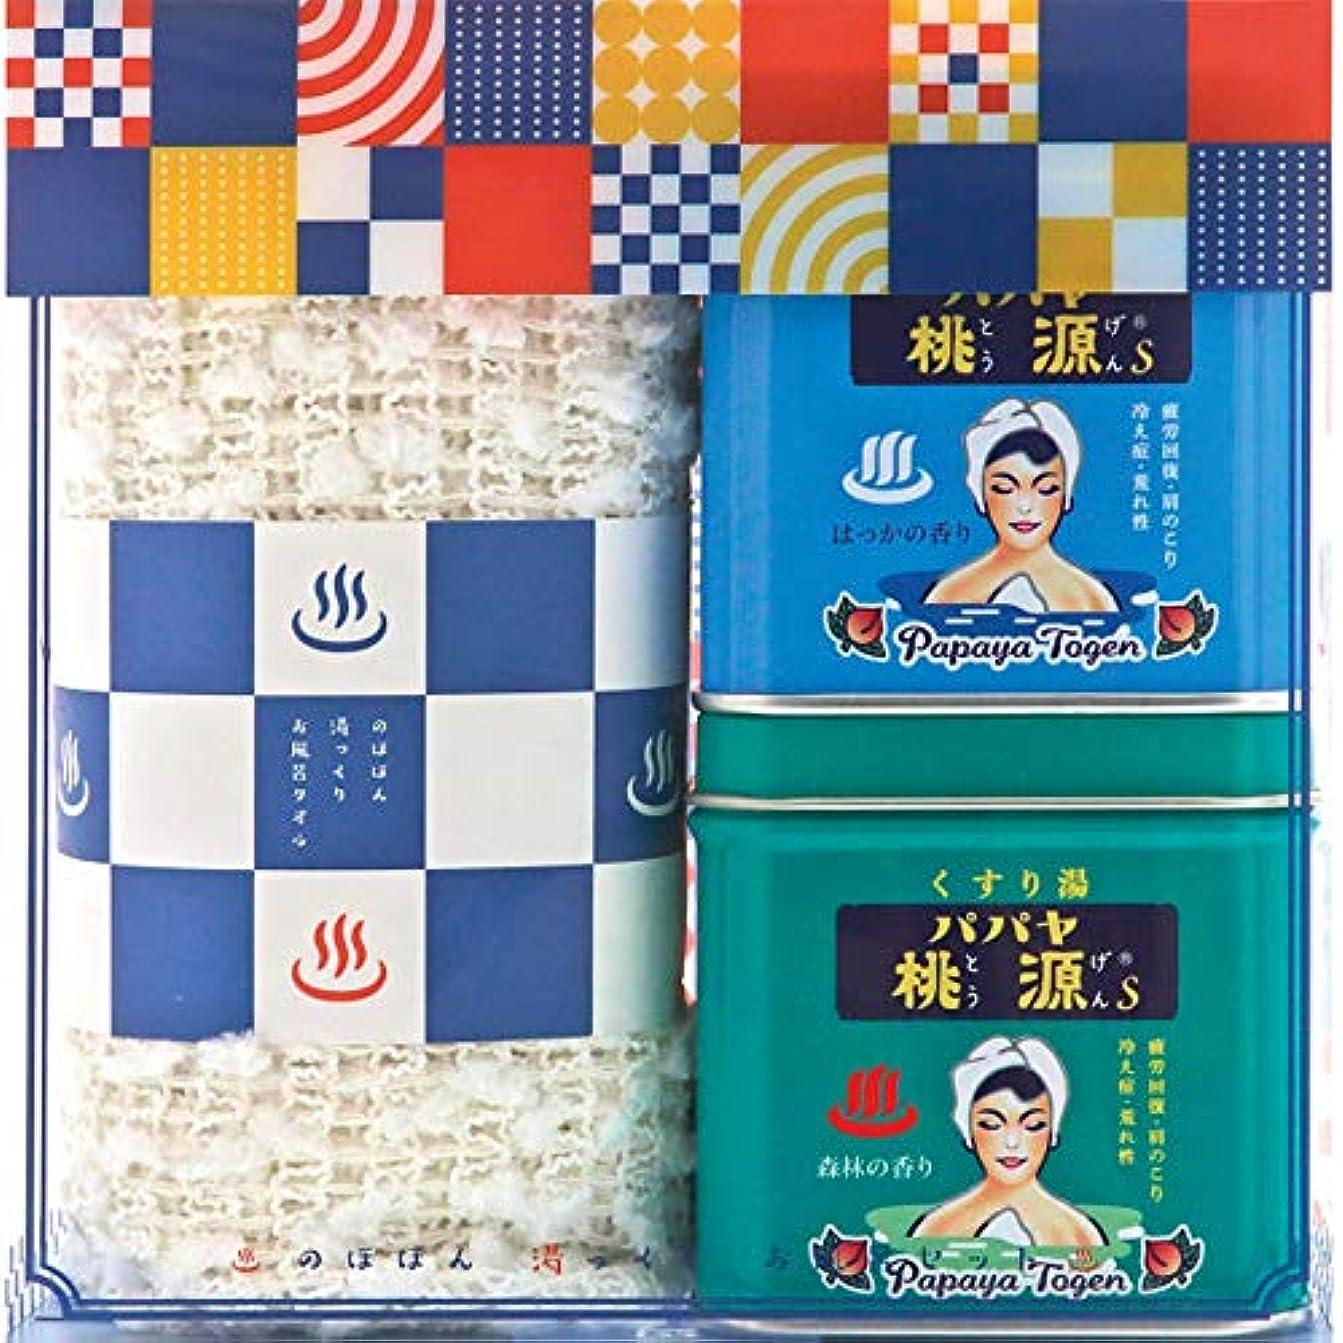 キリマンジャロ分類ピボットパパヤ桃源 のほほん湯っくりお風呂セットB (五洲薬品) 入浴剤 はっか(70g)+森林(70g)+タオル